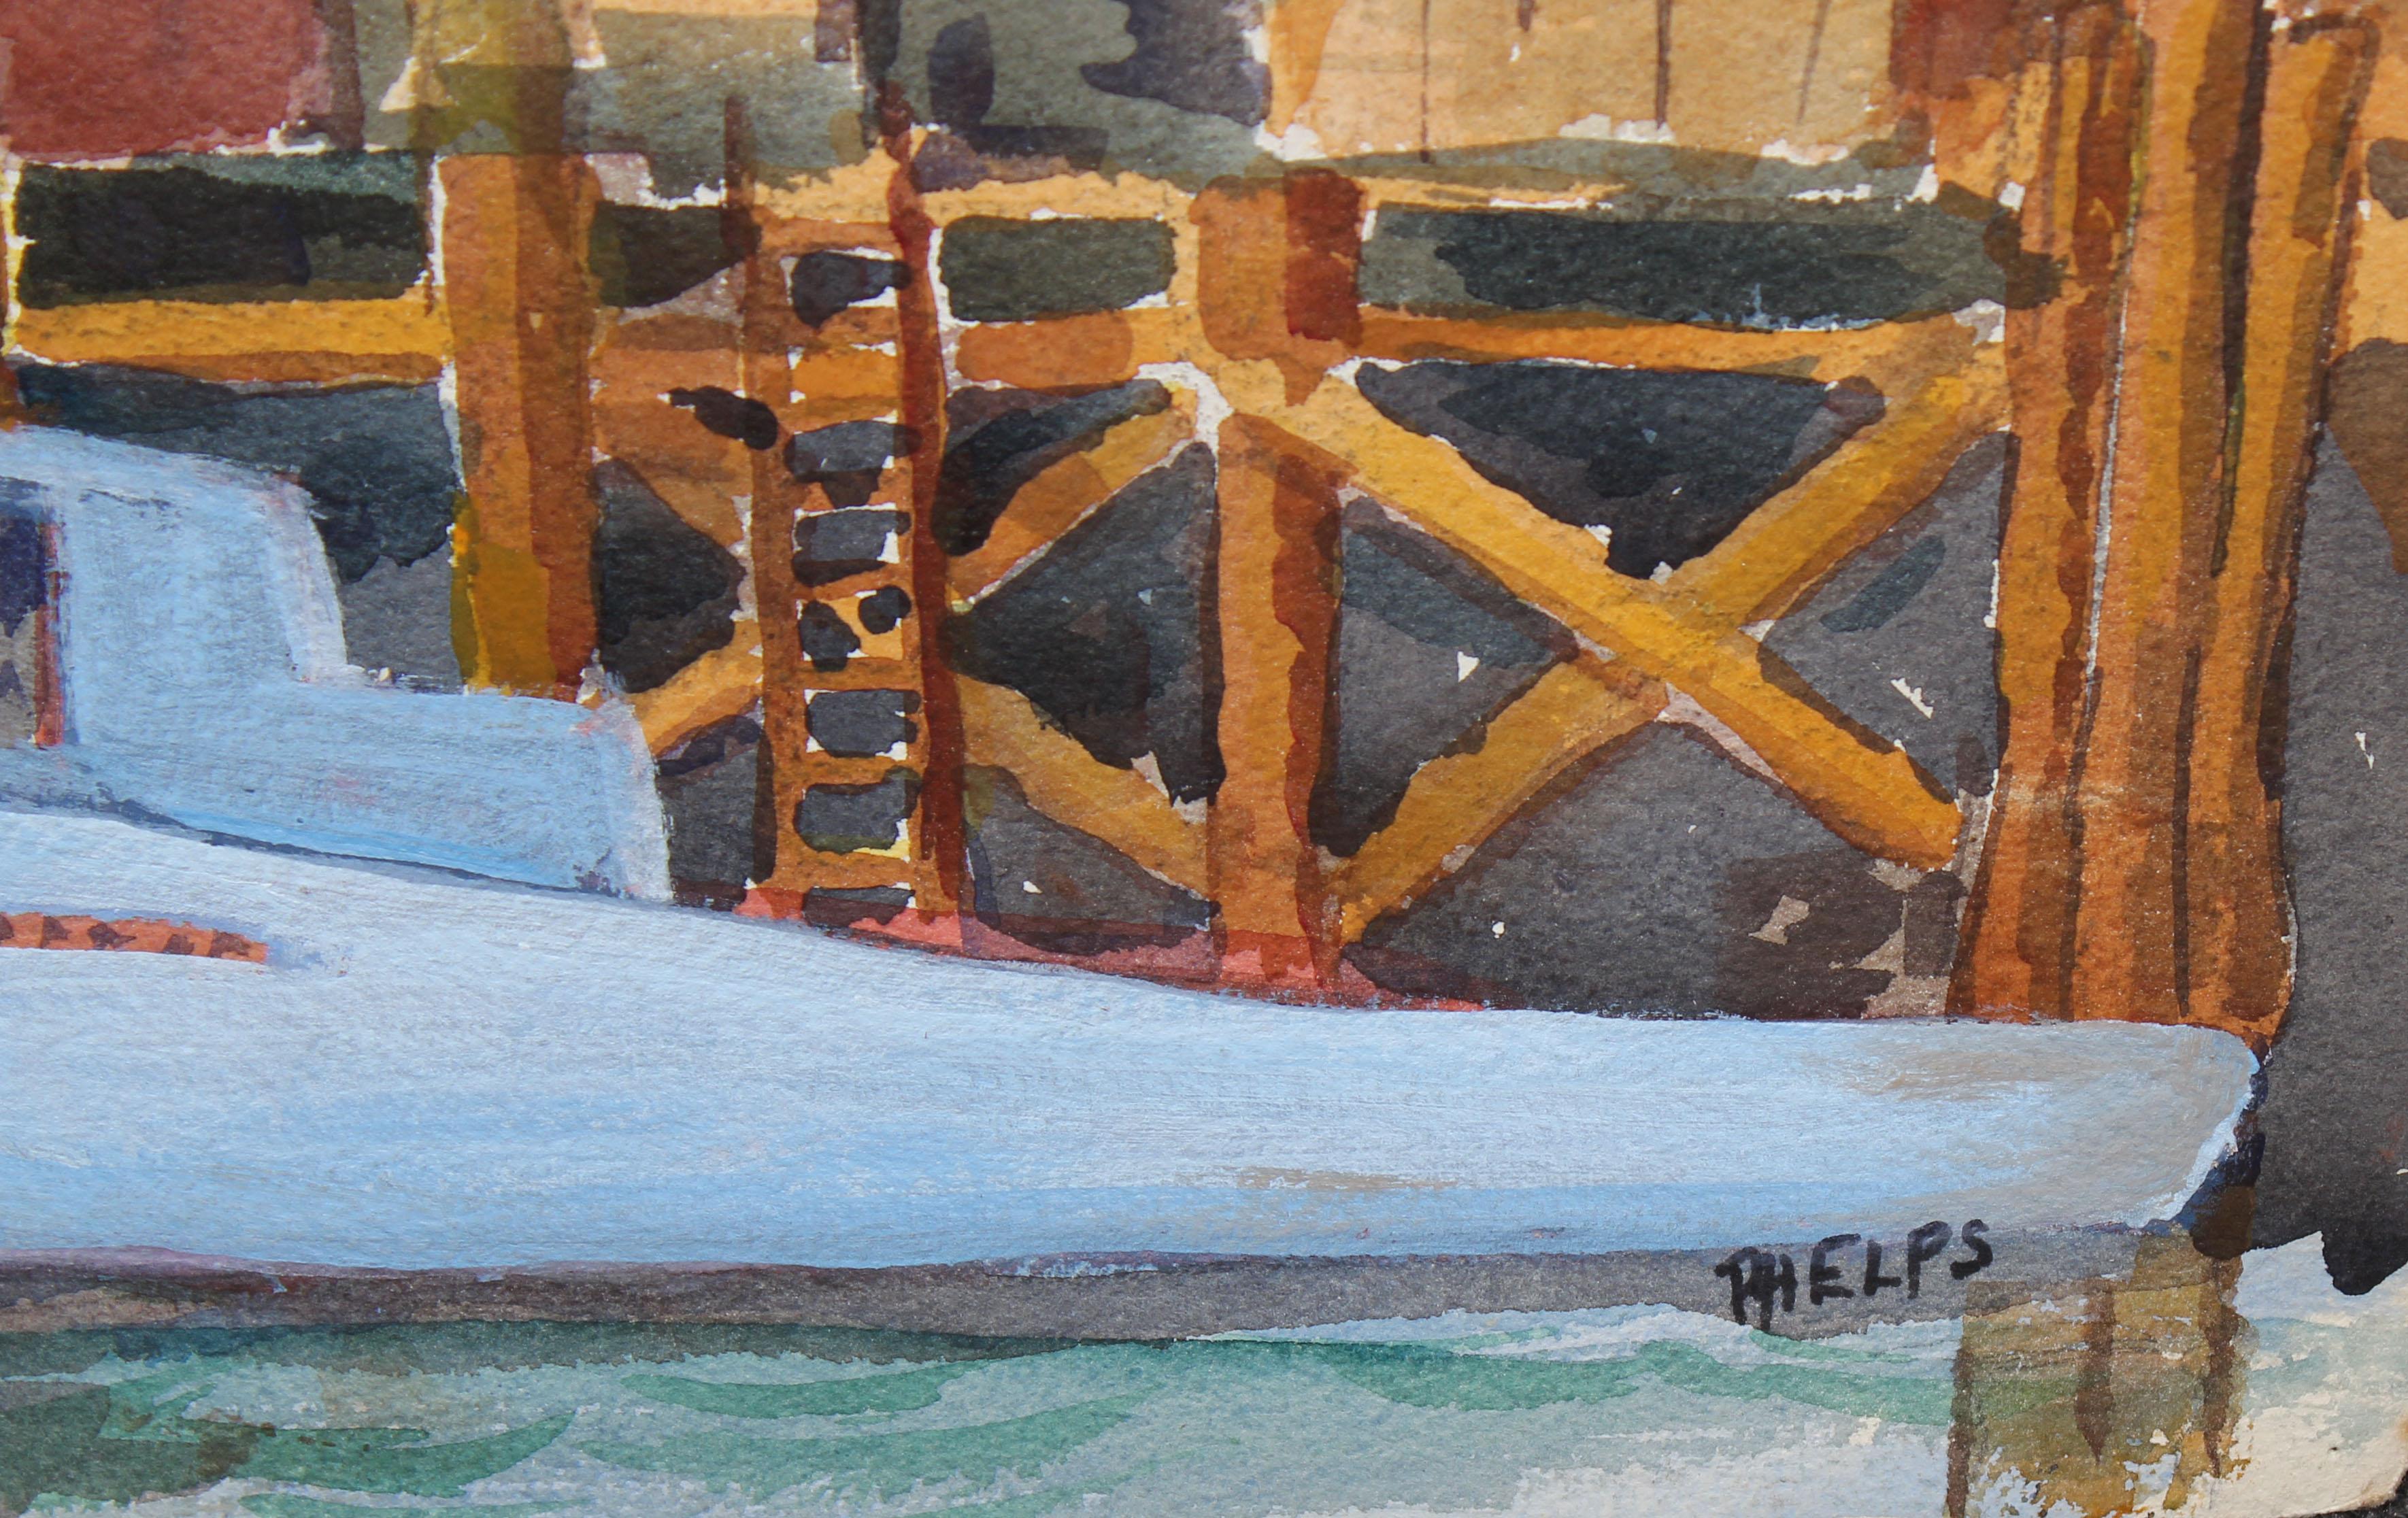 Lot 227 - Phelps, Signed 20th C. California Harbor Scene